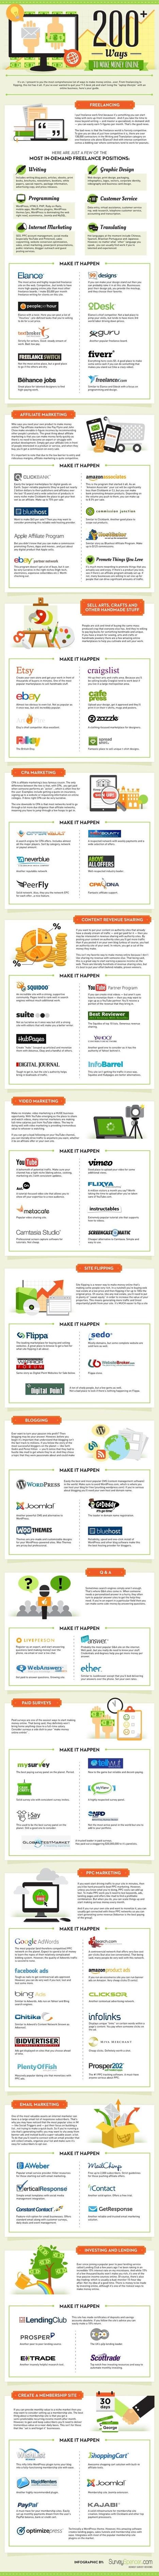 200 ways to make money online | Good stuff online | Scoop.it